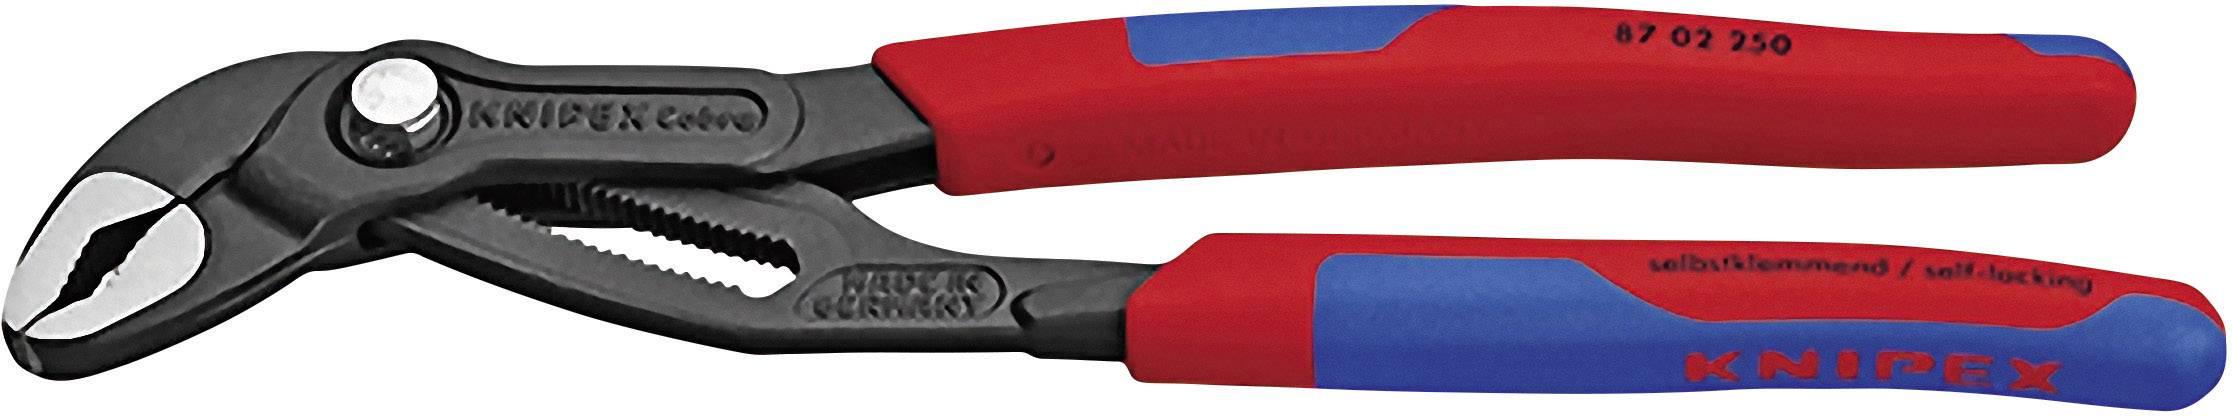 Inštalatérske kliešte Knipex Cobra 87 02 250, 250 mm